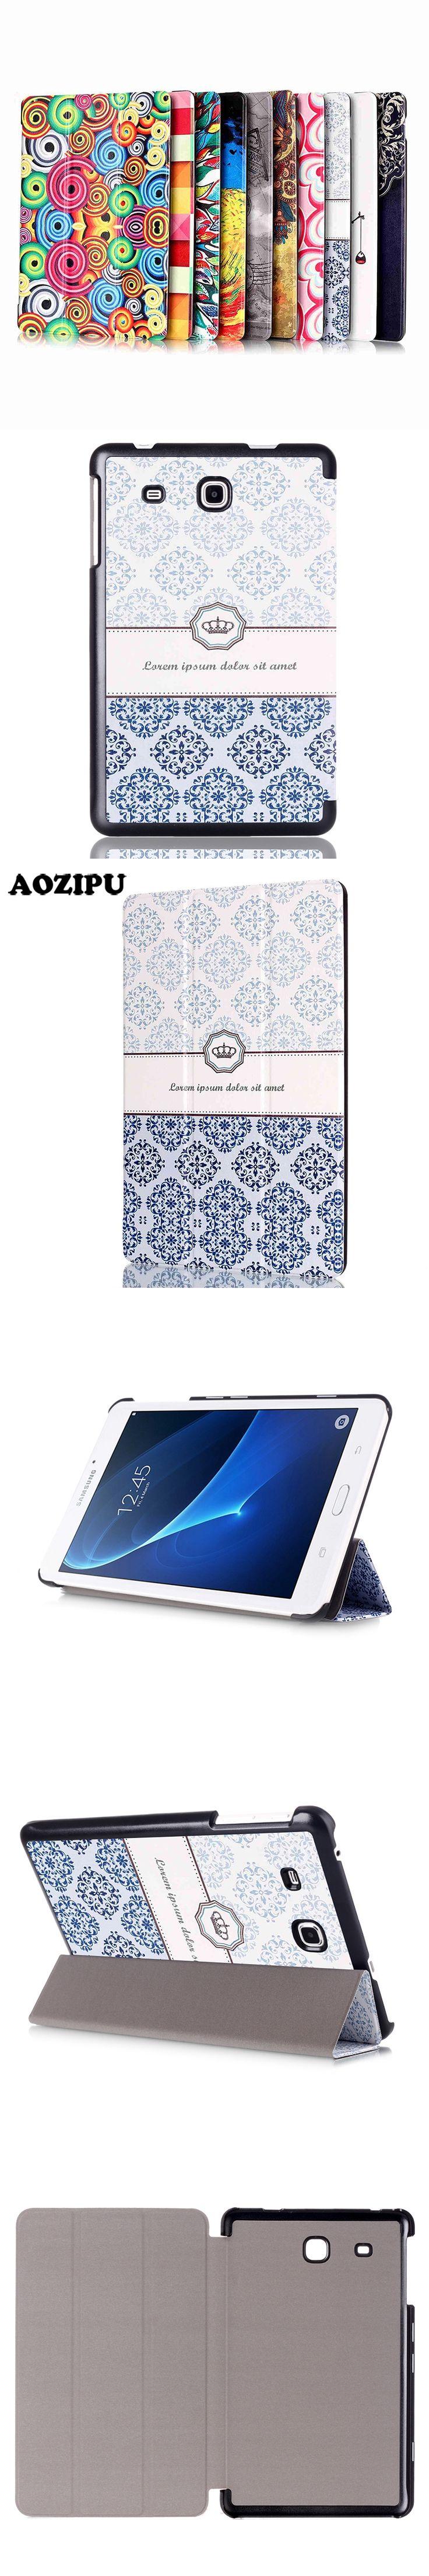 Magnet Funda Case for Samsung Galaxy TAB A 7 0 T280 T285 7 inch Tablet Fashion Print